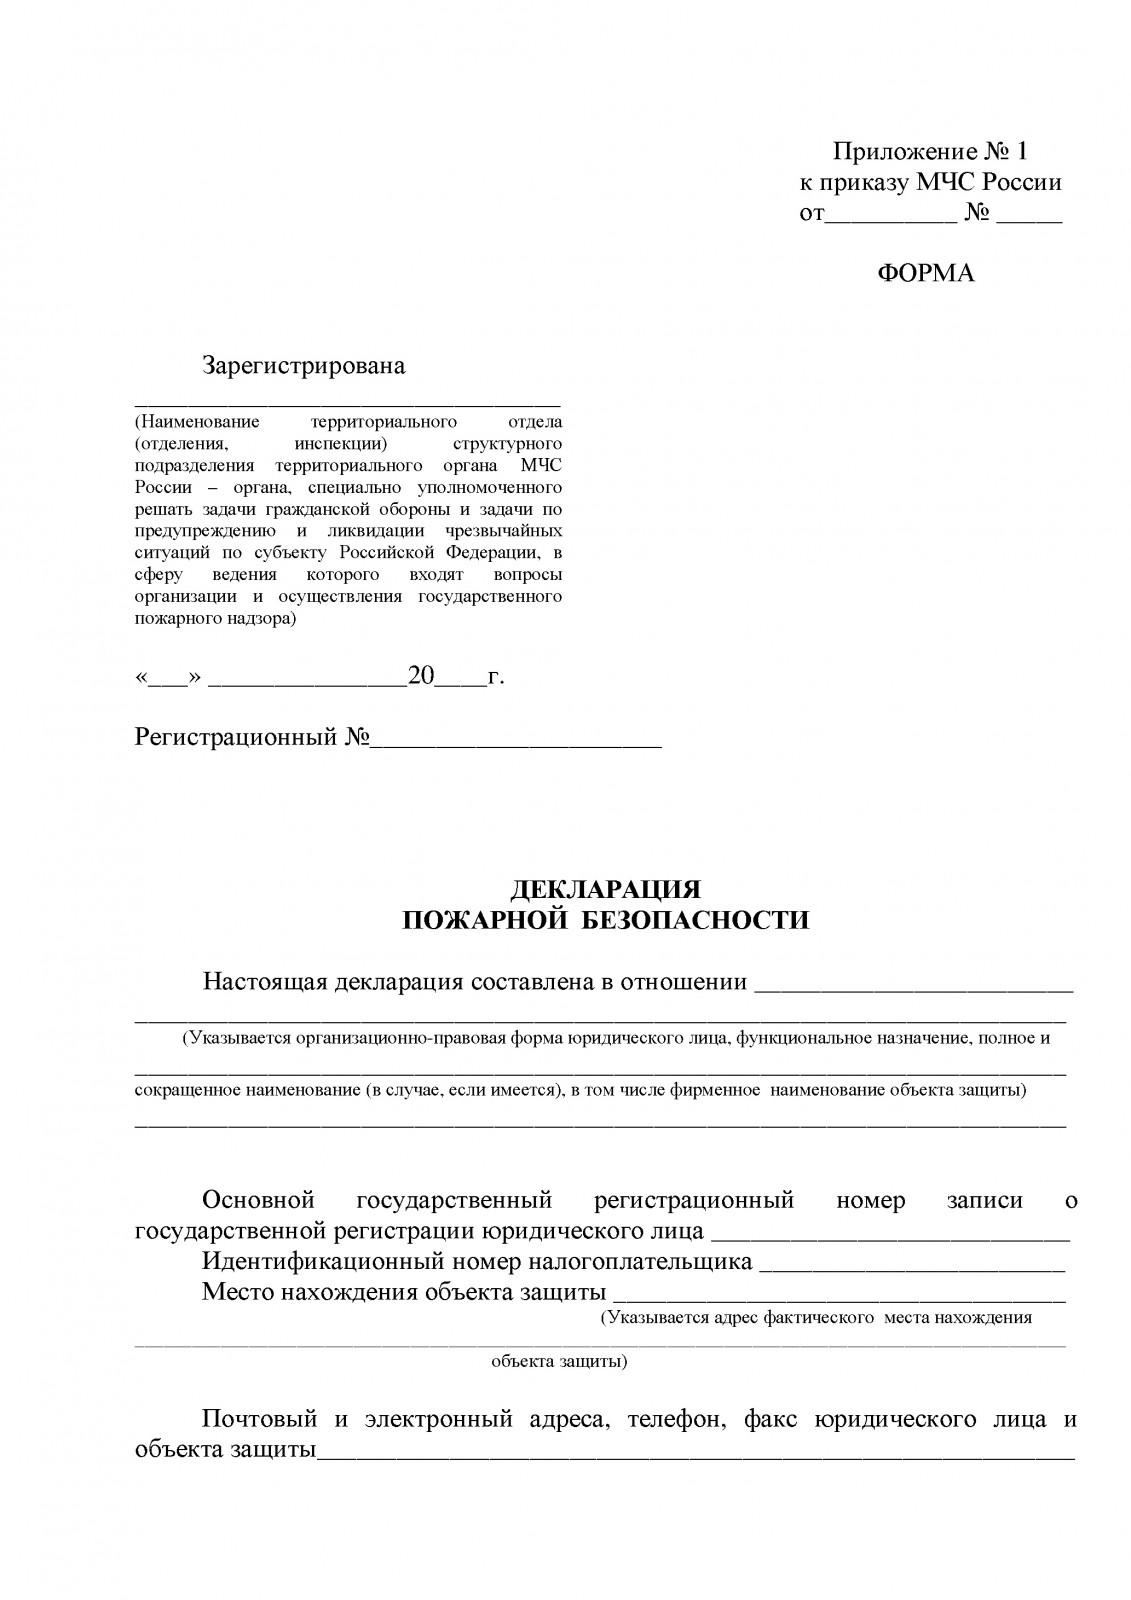 бланк диклорации для субсидии 2012